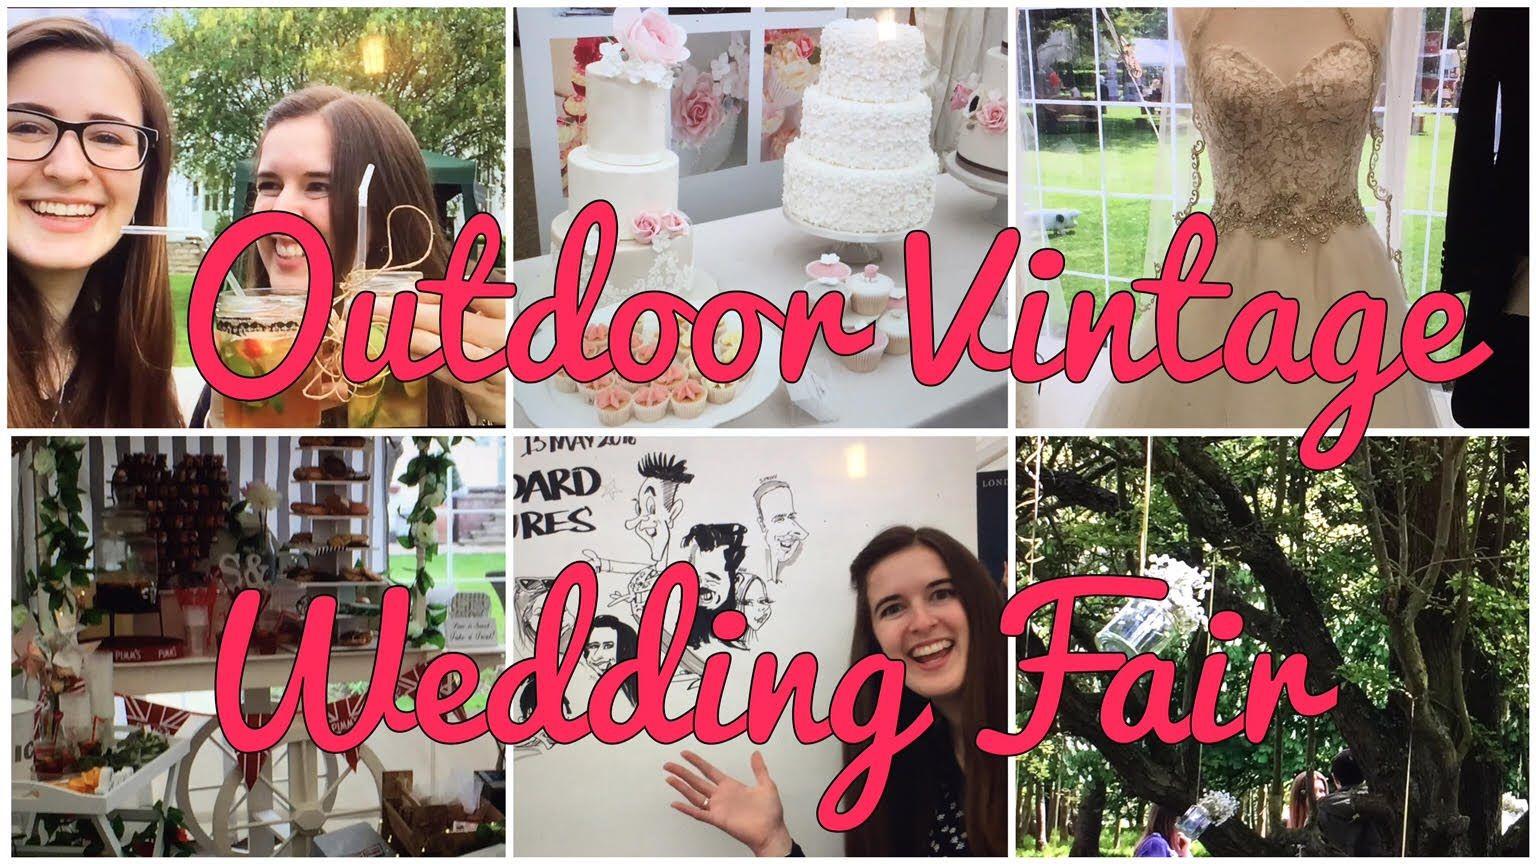 OUTDOOR VINTAGE WEDDING FAIR! Wedding ideas, outdoor weddings, rustic